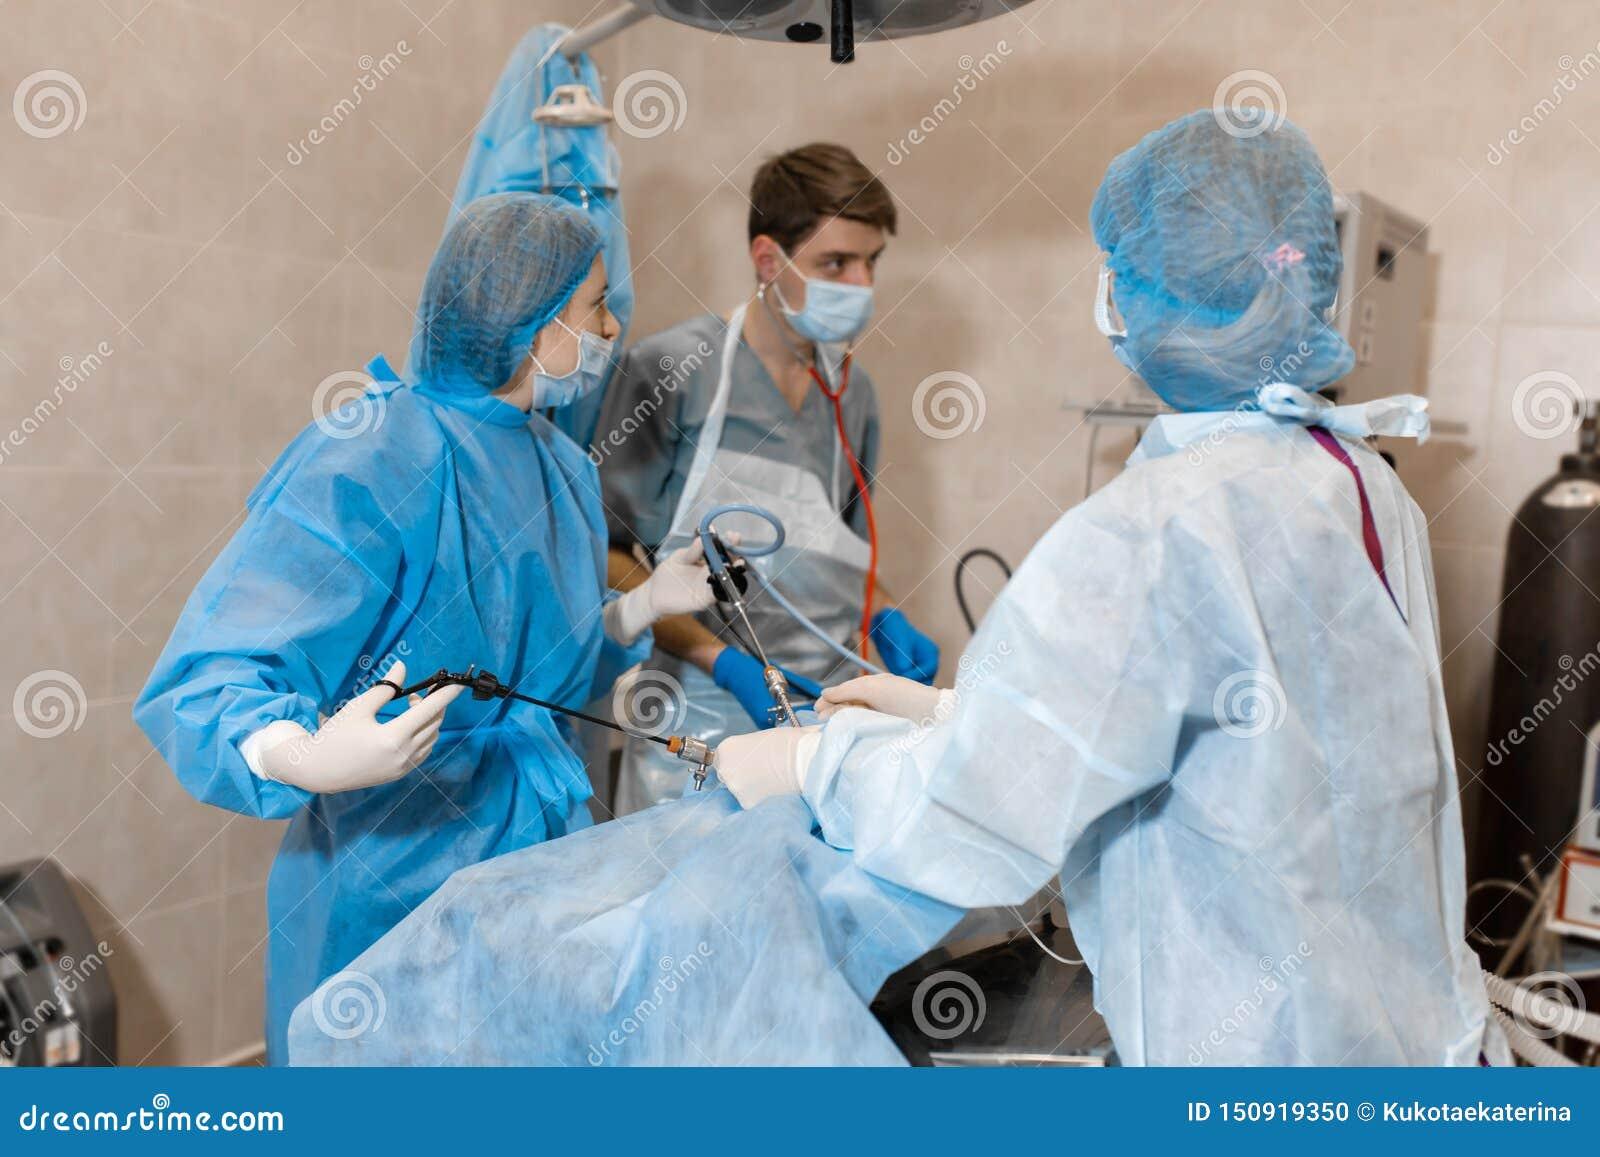 Tierarzt oder Doktorteam, das Chirurgie in der Klinik tut Medizin, Haustier, Tiere, Gesundheitswesen und Leutekonzept